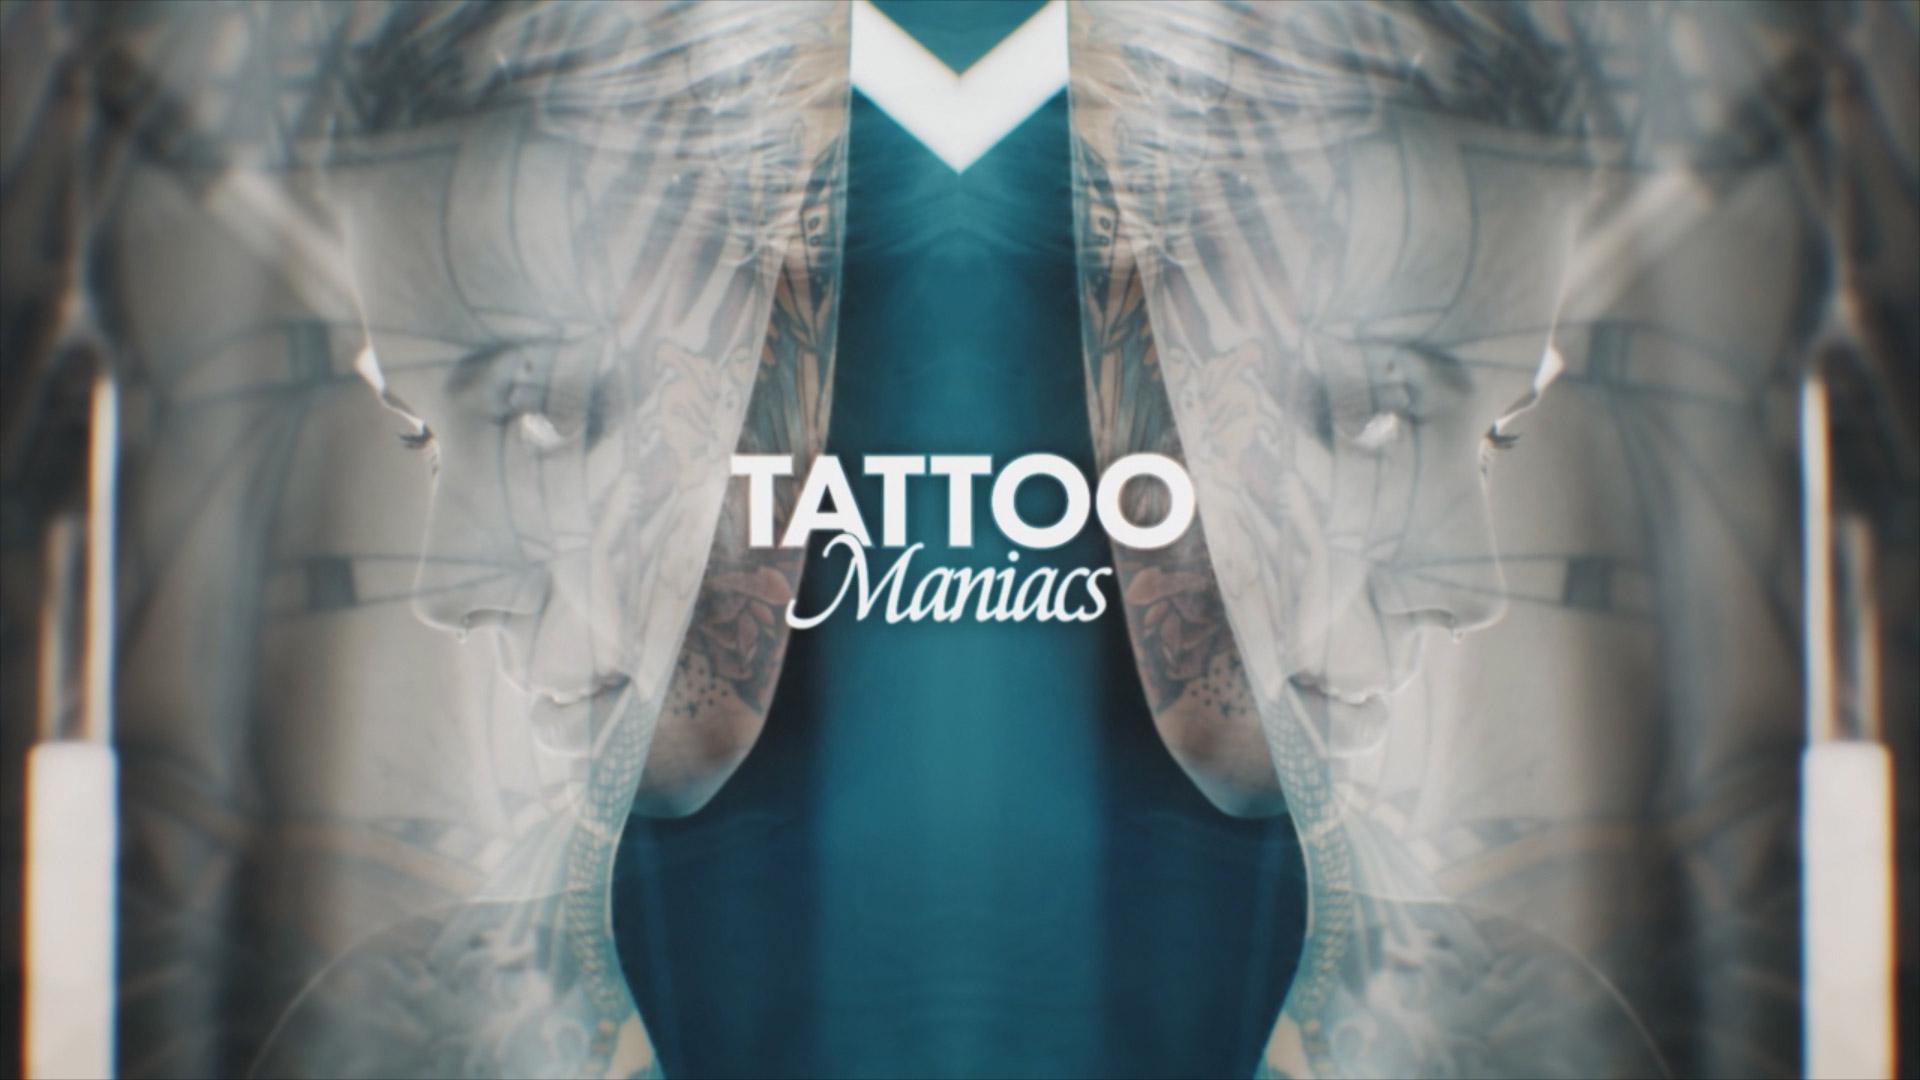 RTL II – Tattoo Maniacs